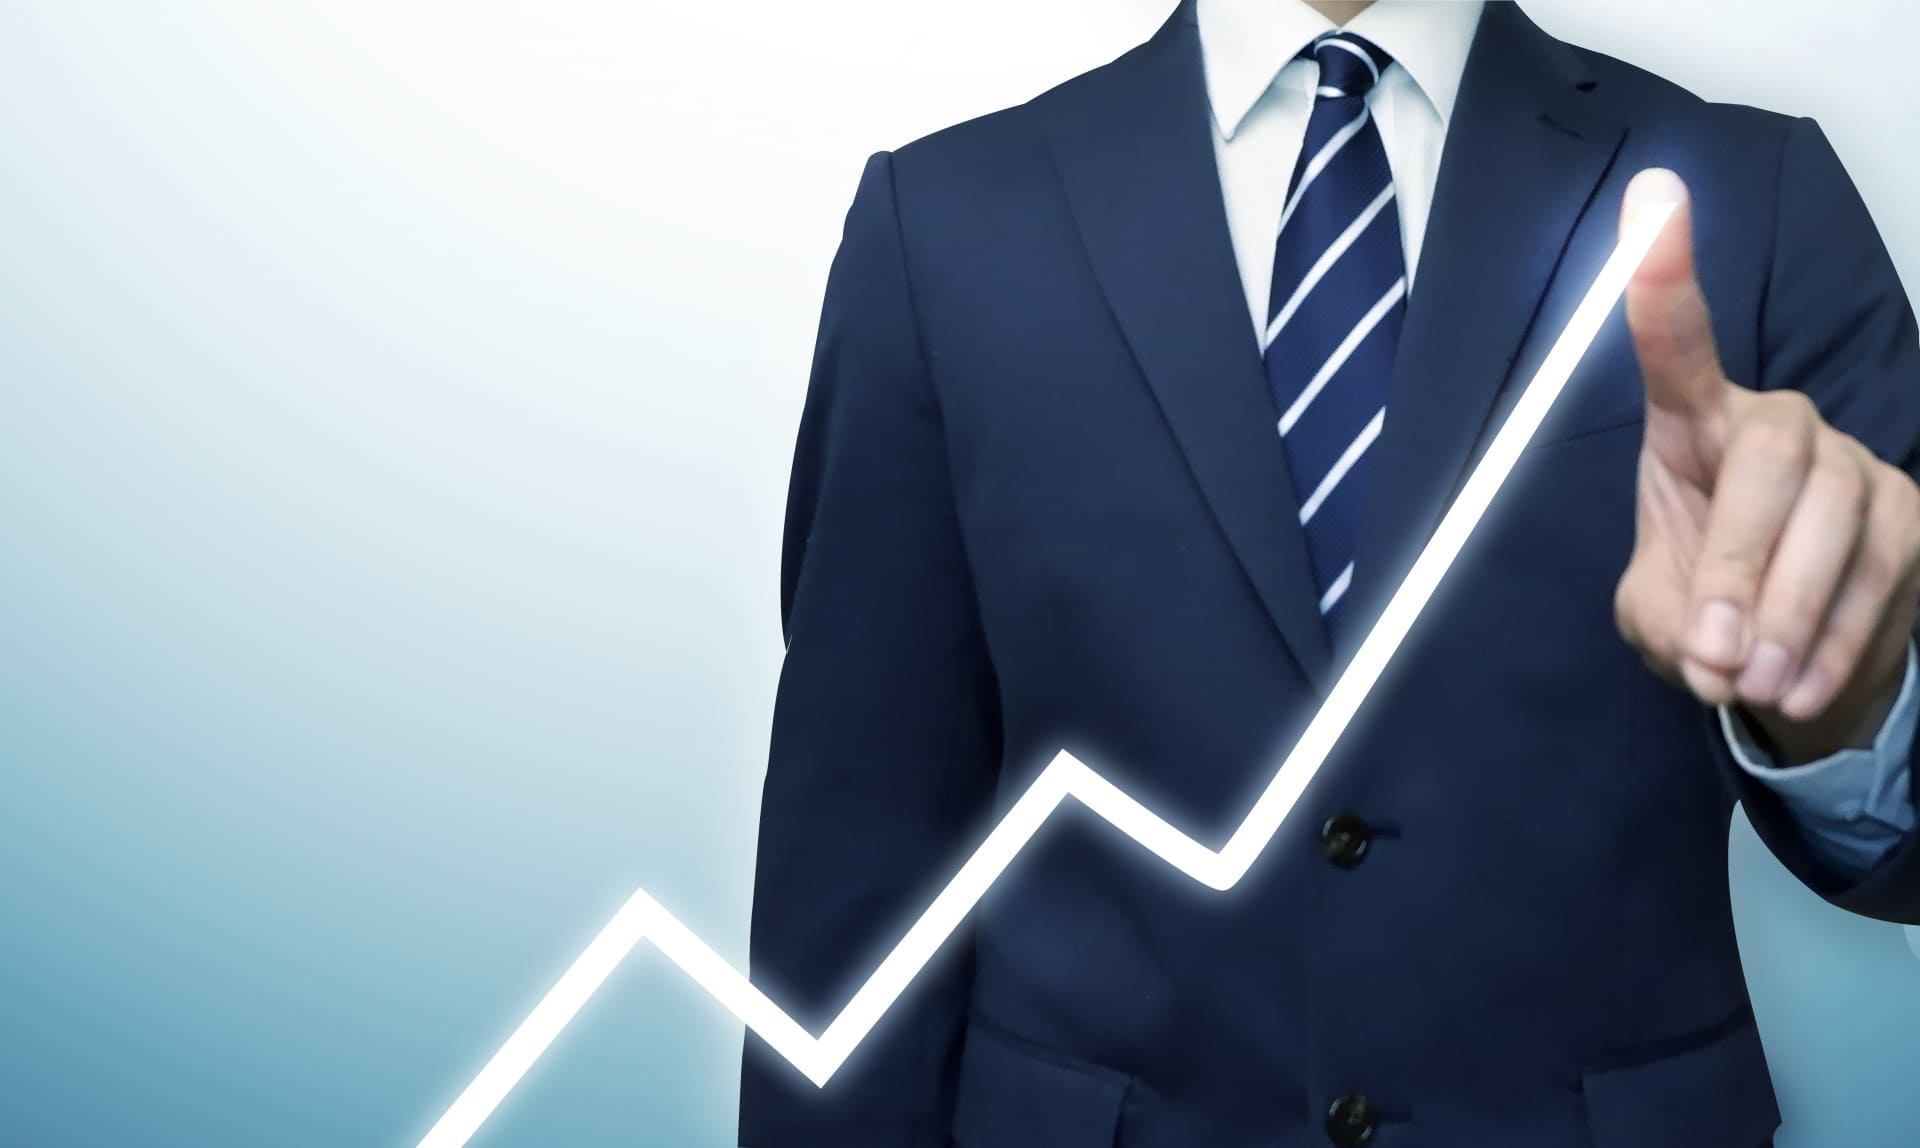 融資と経営を考える男性